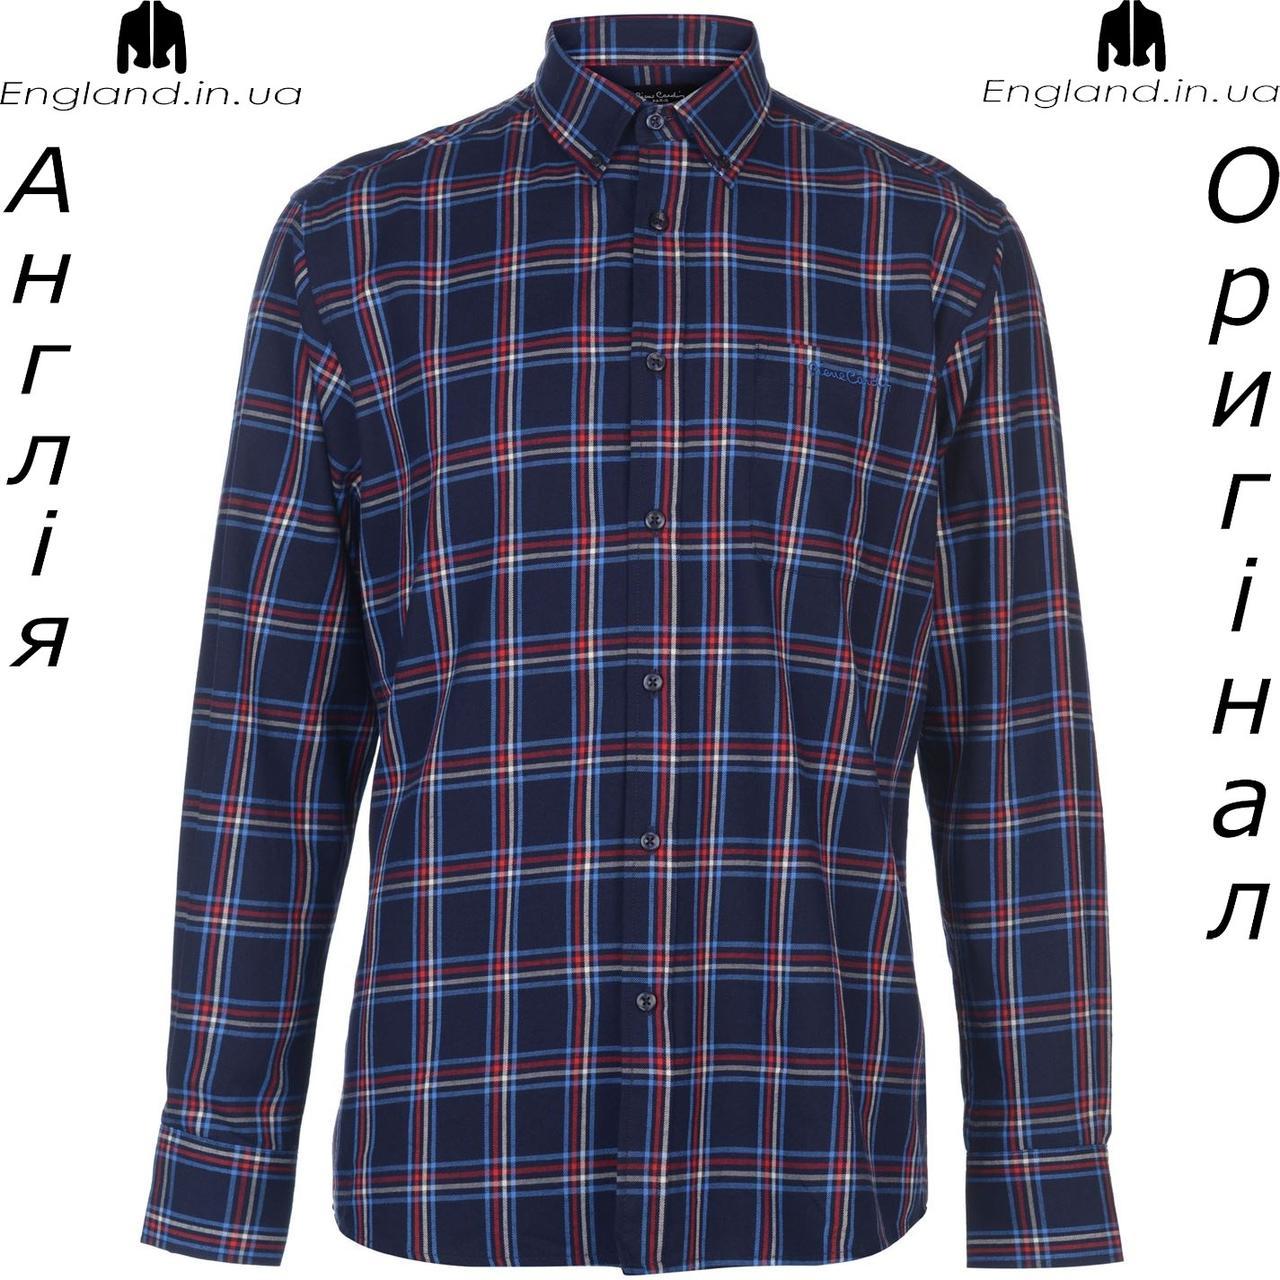 Рубашка в клетку мужская Pierre Cardin из Англии - на длинный рукав